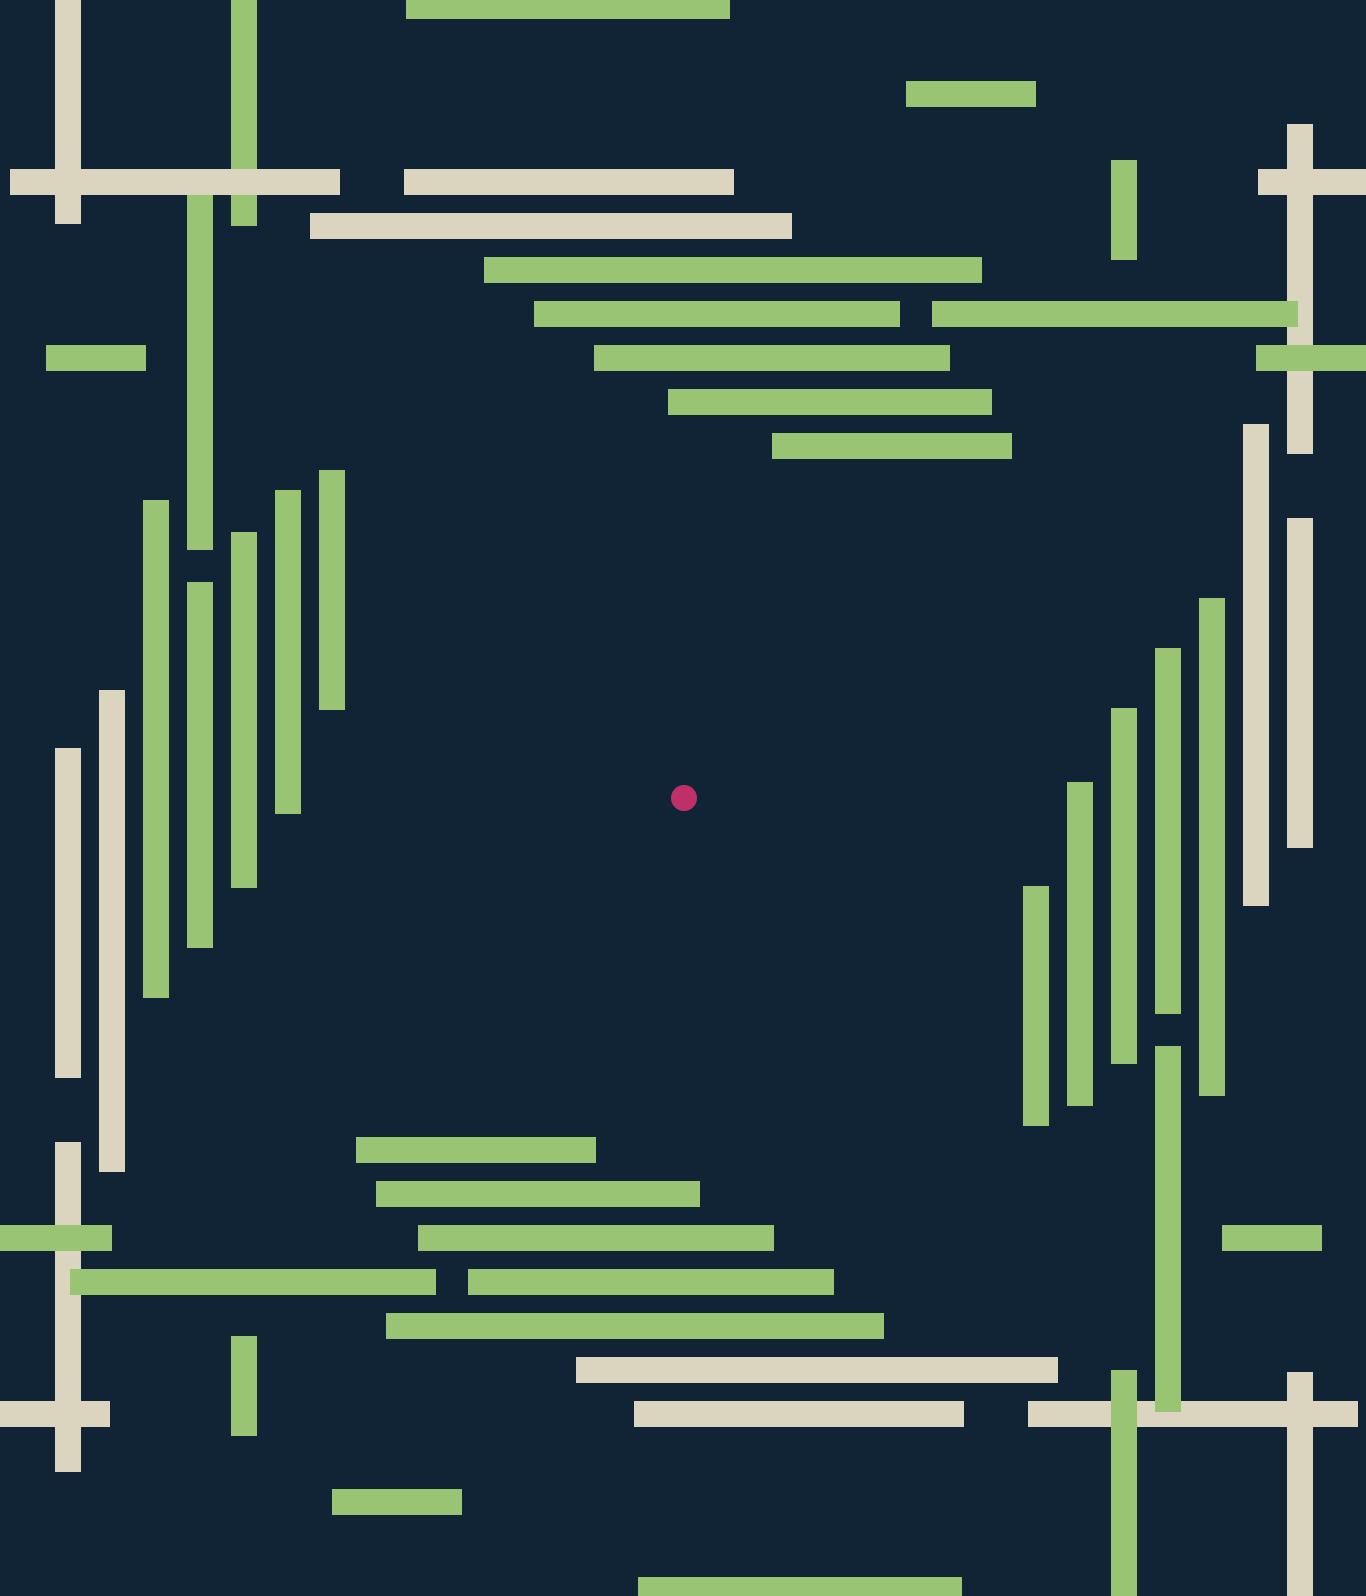 isolation-pixel-static-61